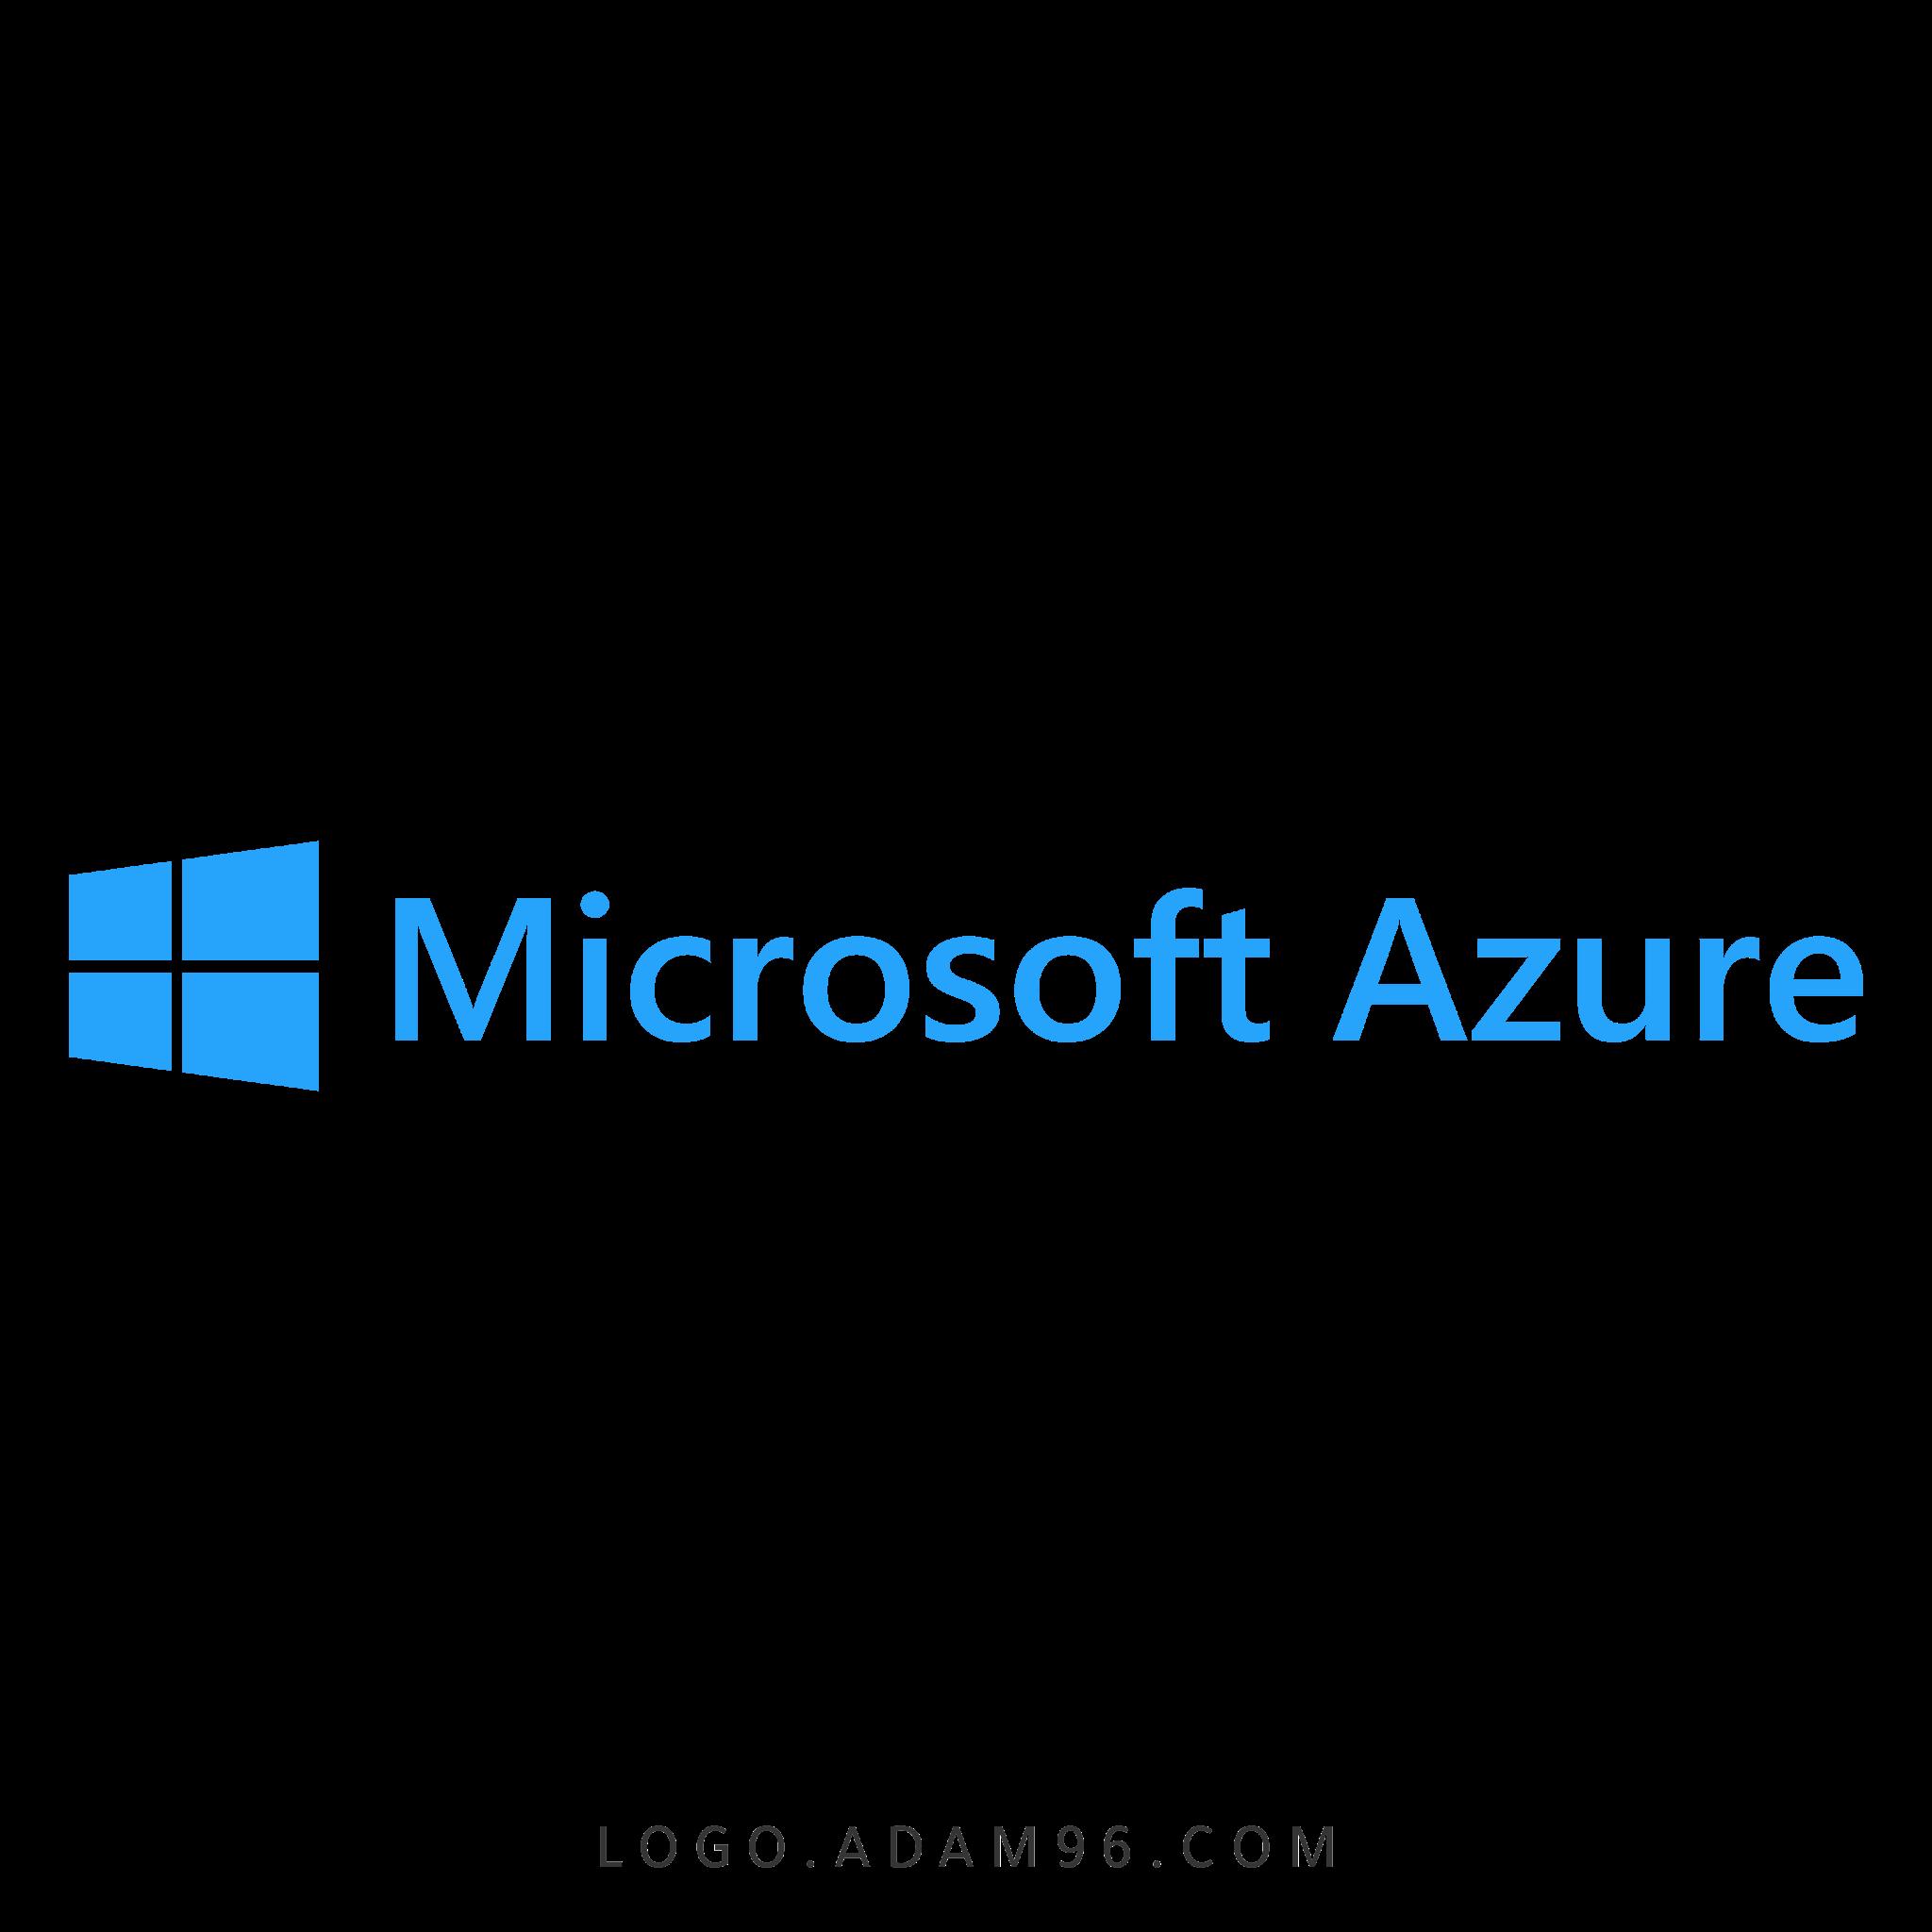 تحميل شعار مايكروسوفت أزور | Logo Microsoft Azure